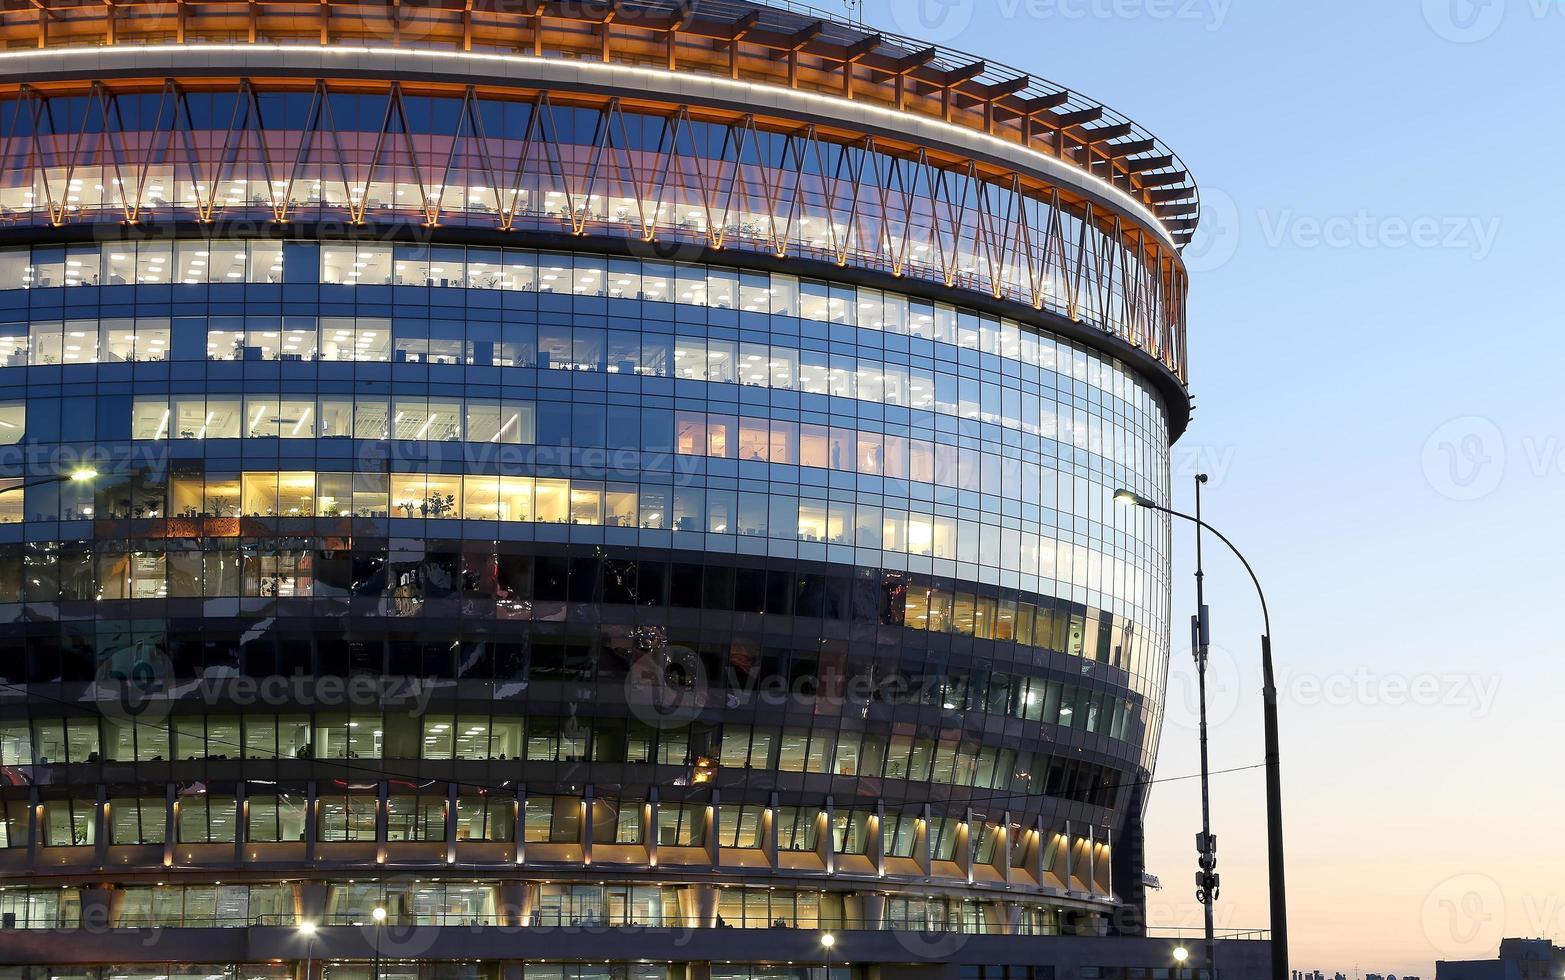 modern kantoorgebouw met grote ramen 's nachts foto